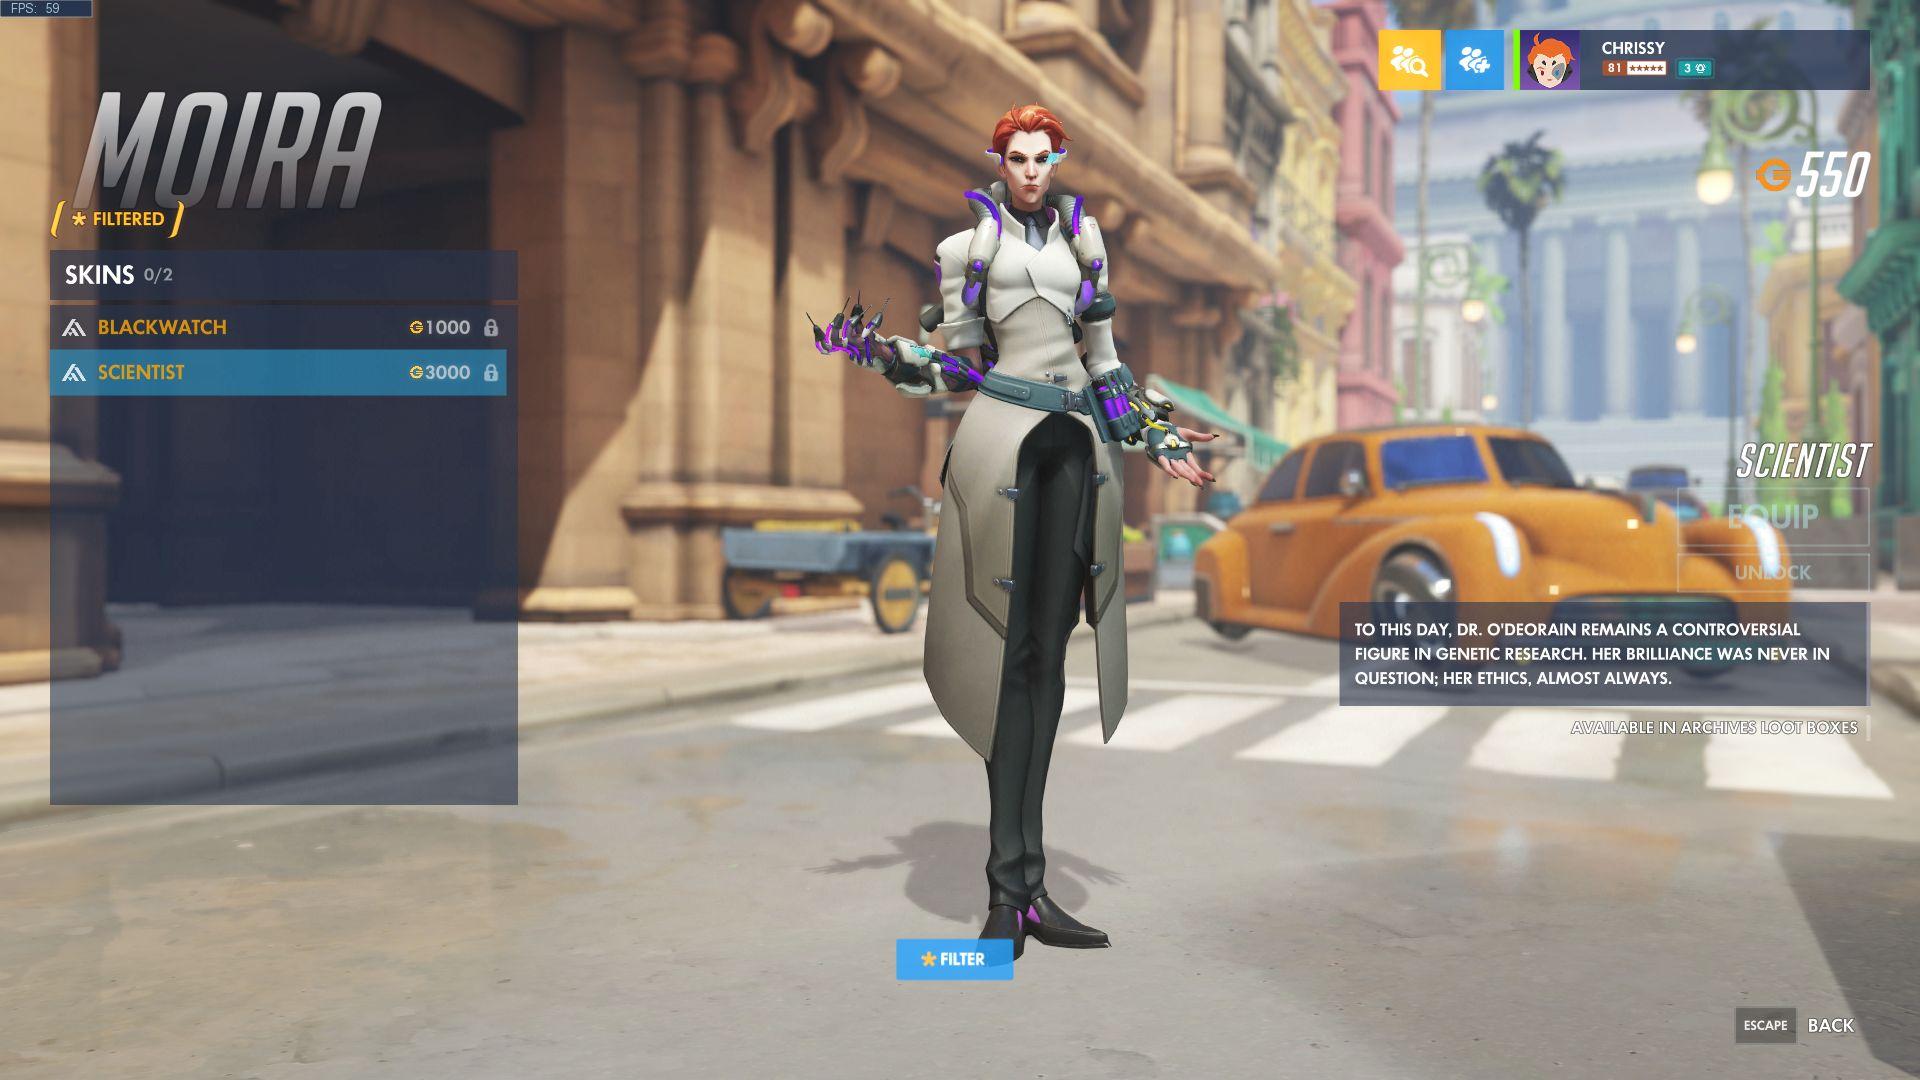 Overwatch Moira Scientist skin